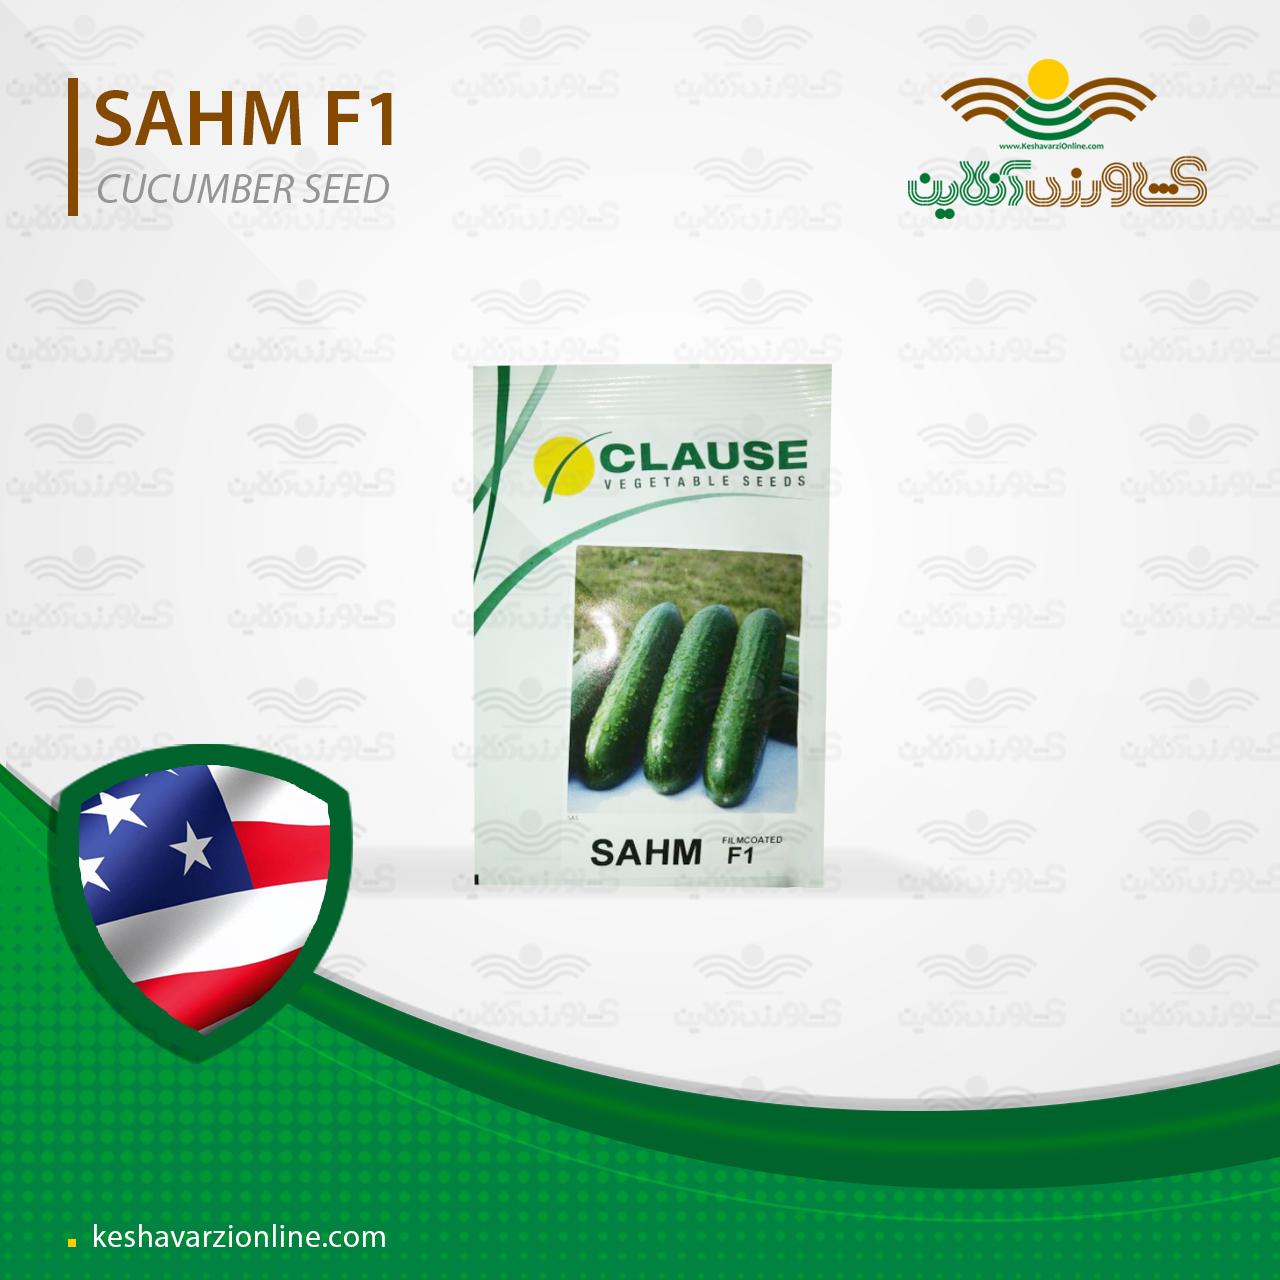 بذر خیار گلخانهای هیبرید سهم از شرکت کلوز آمریکا